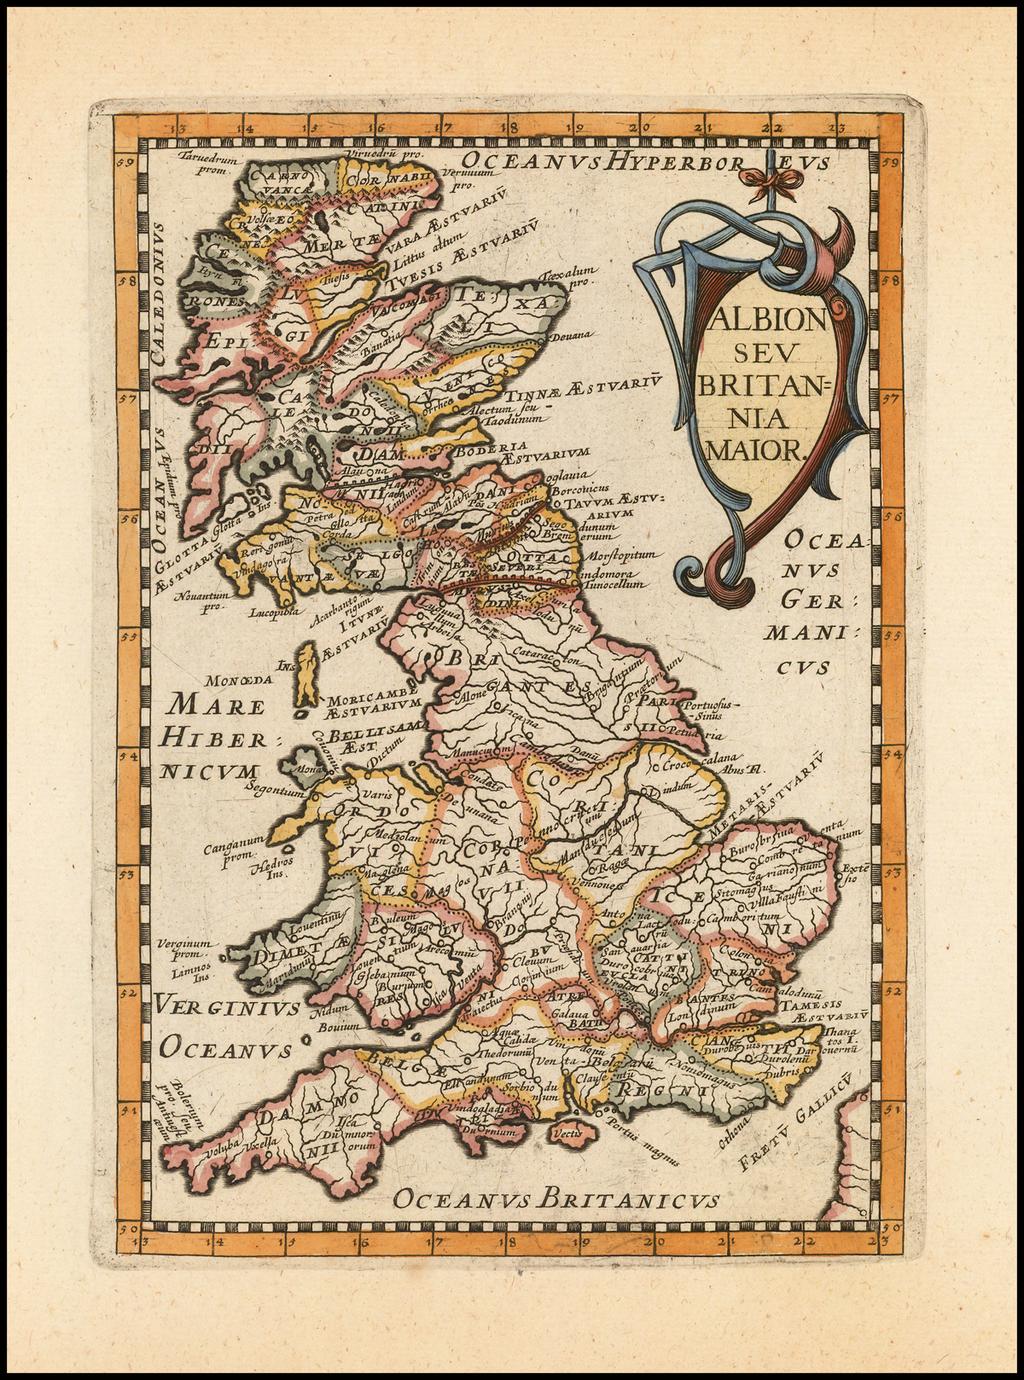 Albion Seu Britania Maior By Philip Briet